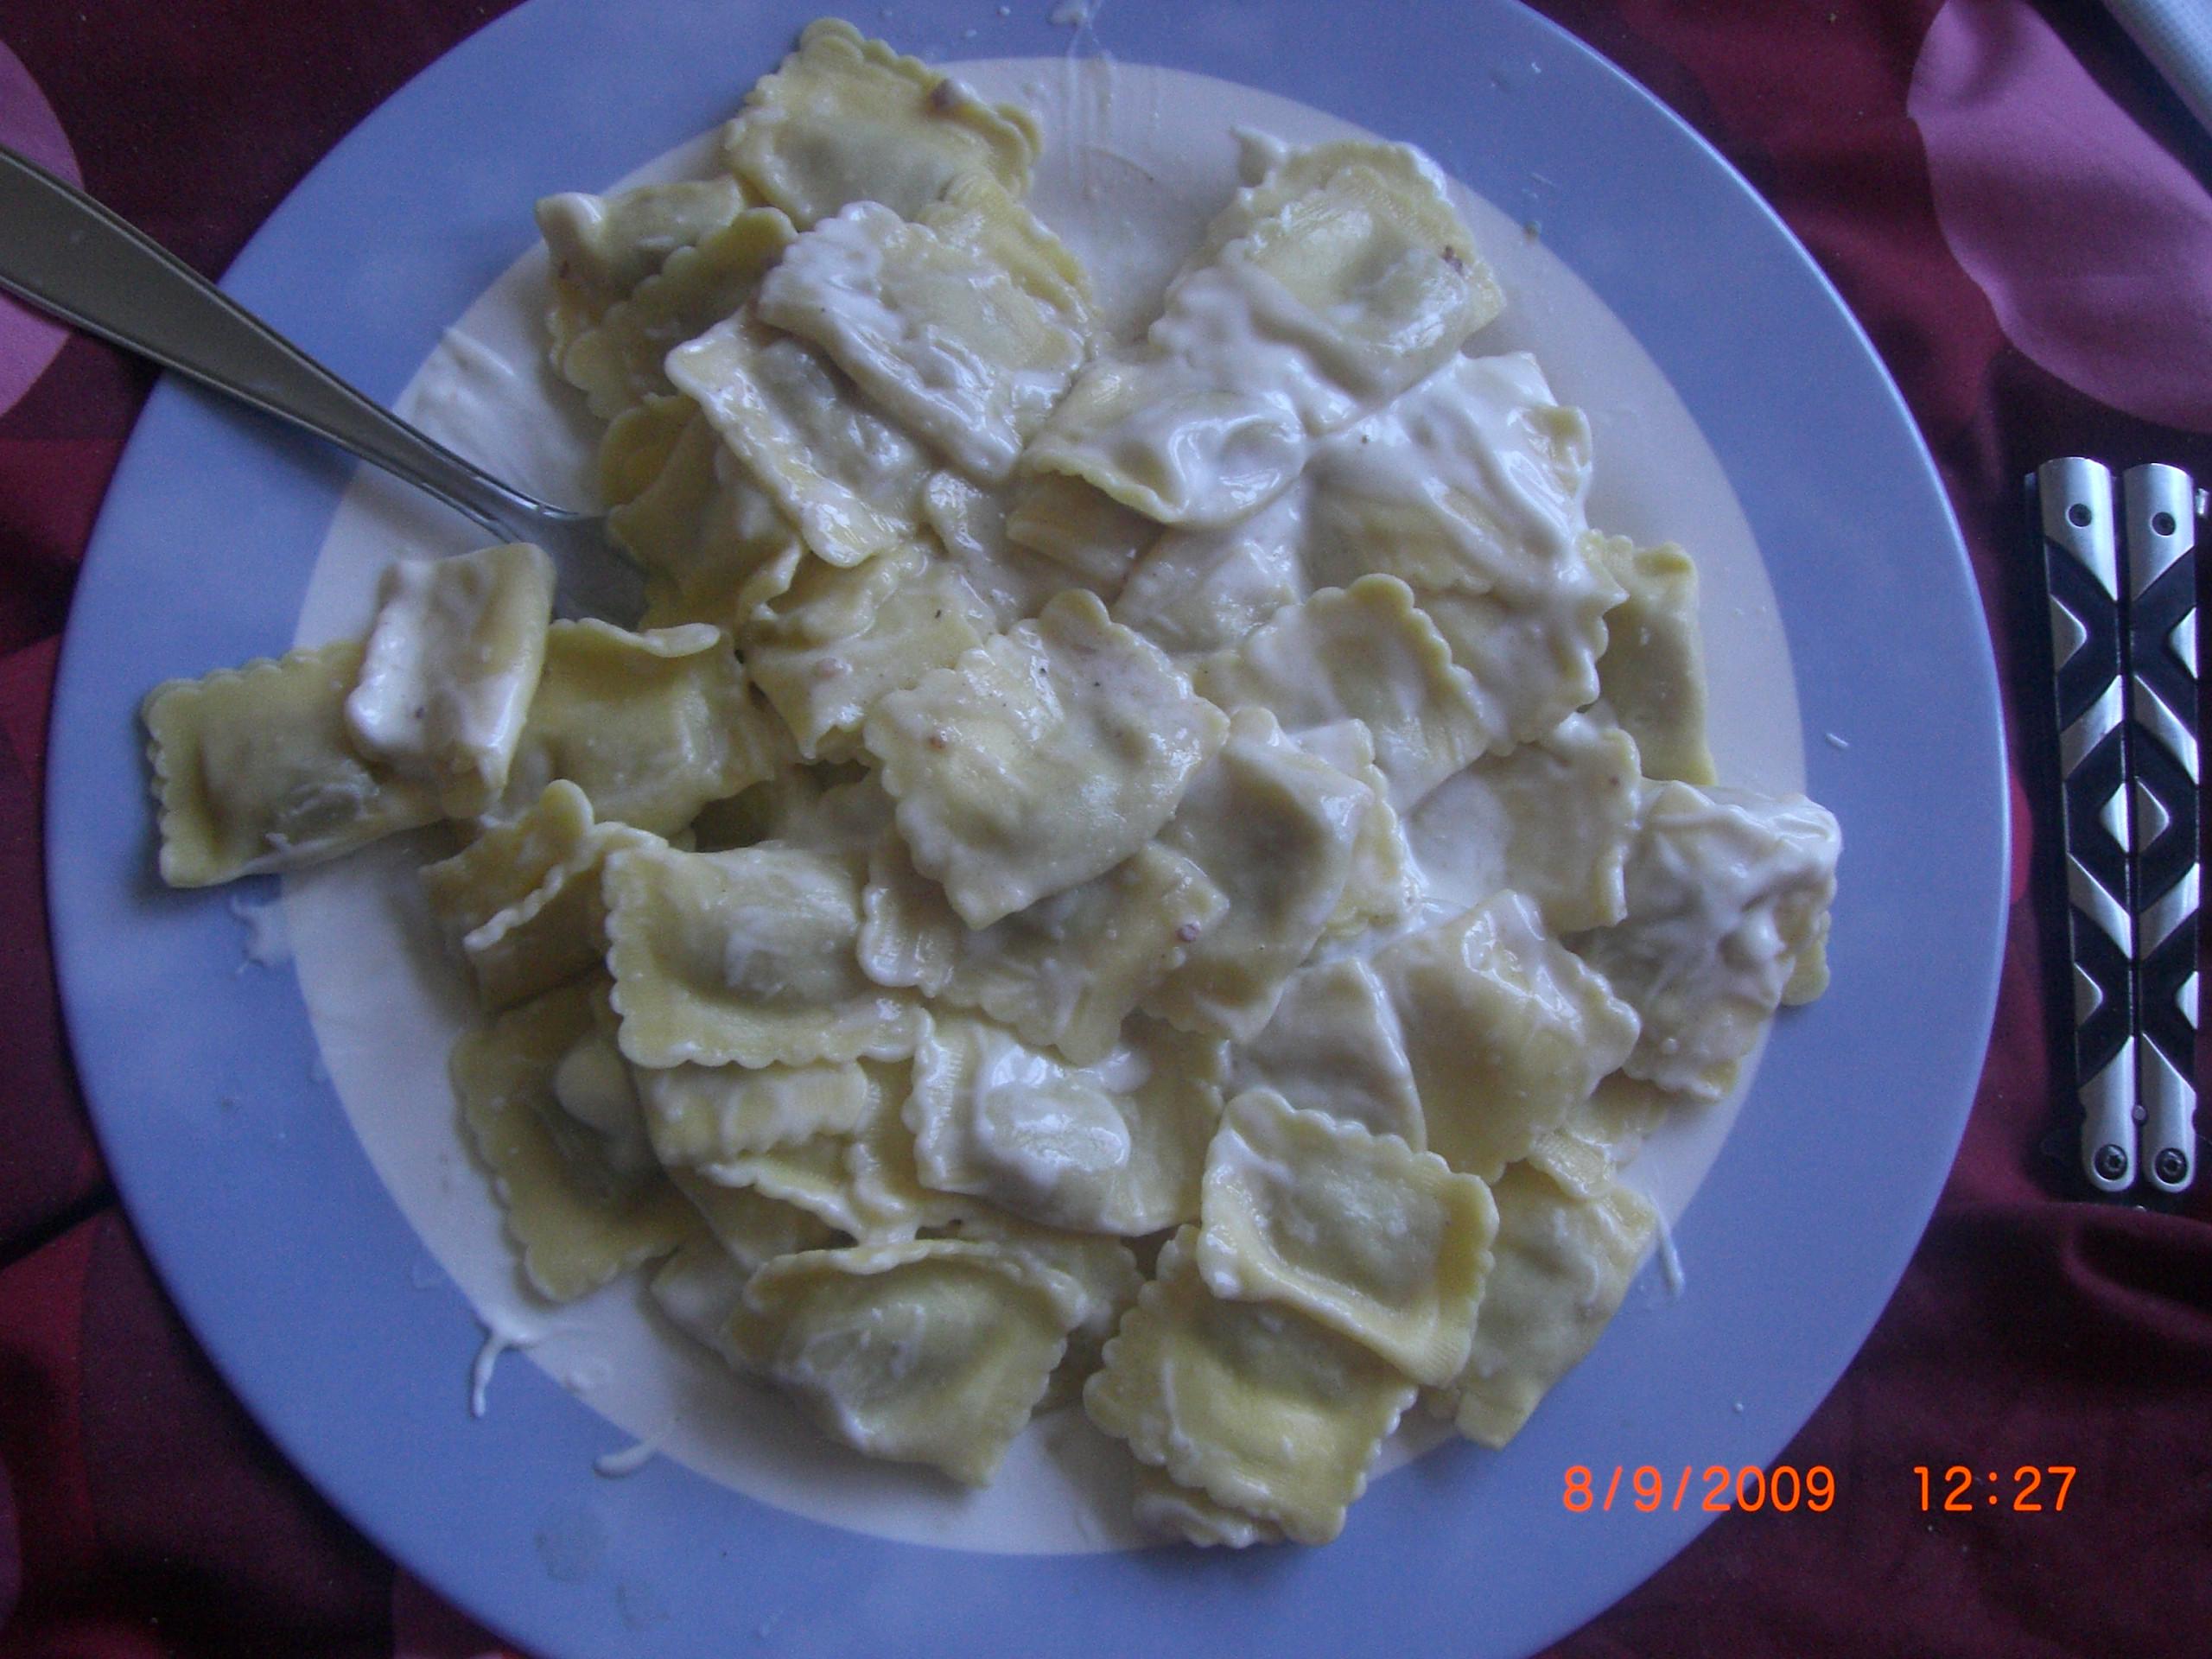 faire un repas simple mais bon et beau  sur le forum blabla 15-18 ans